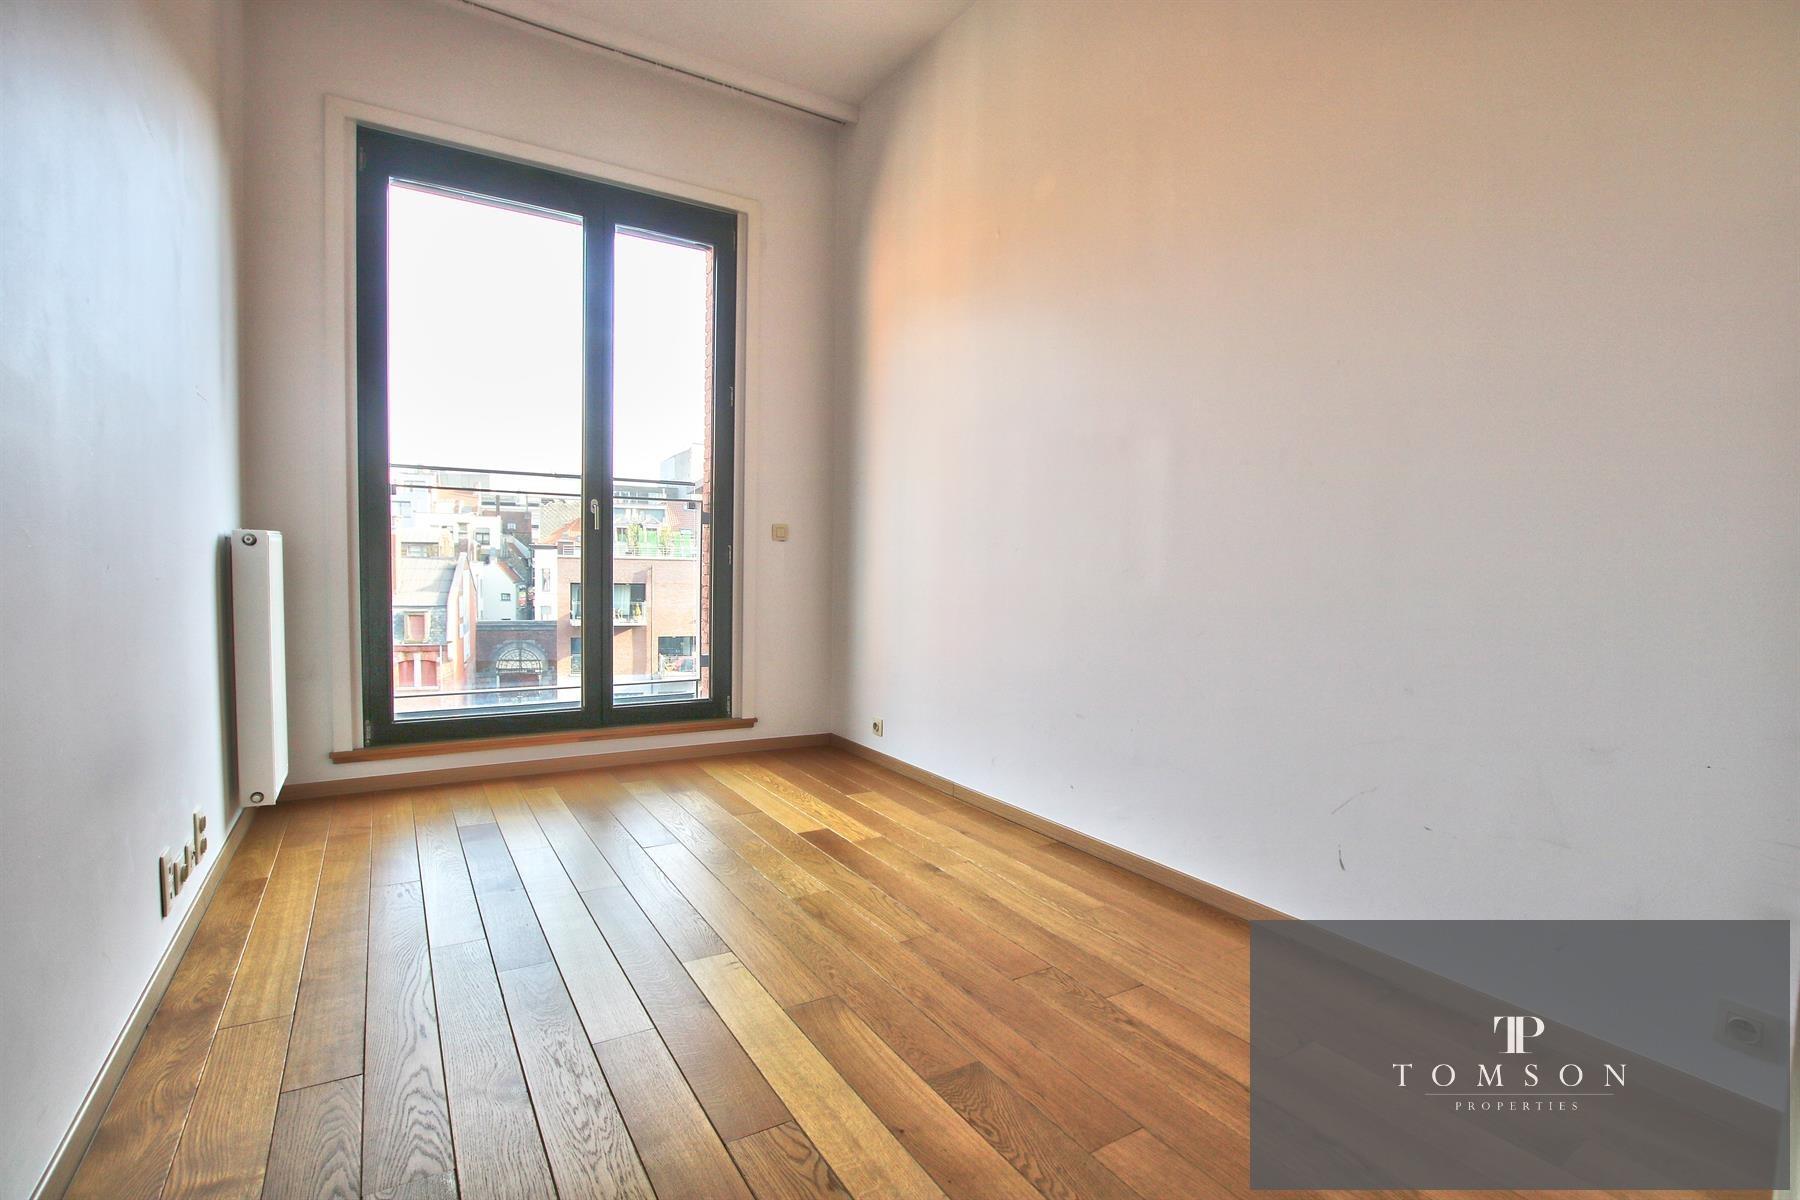 Appartement exceptionnel - Ixelles - #4533638-18